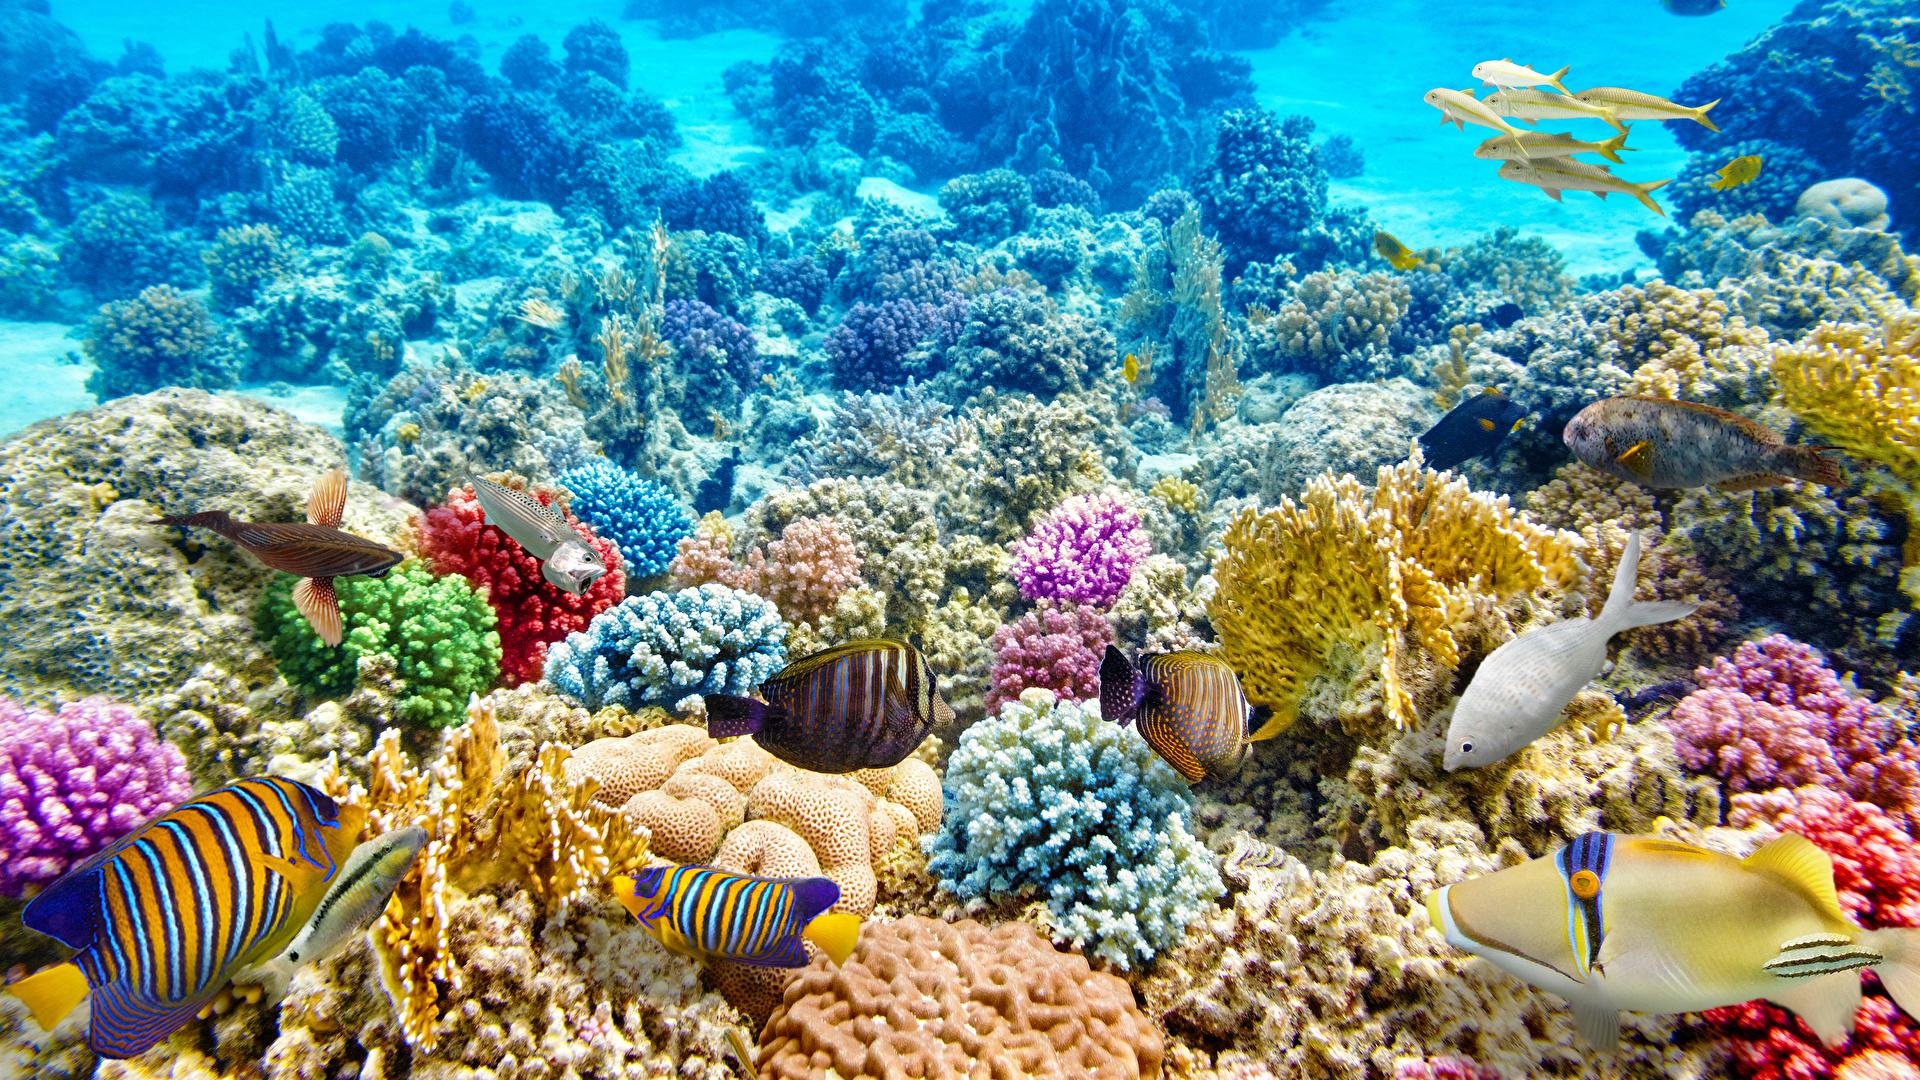 Fondos De Pantalla 1920x1080 Mundo Submarino Corales Peces